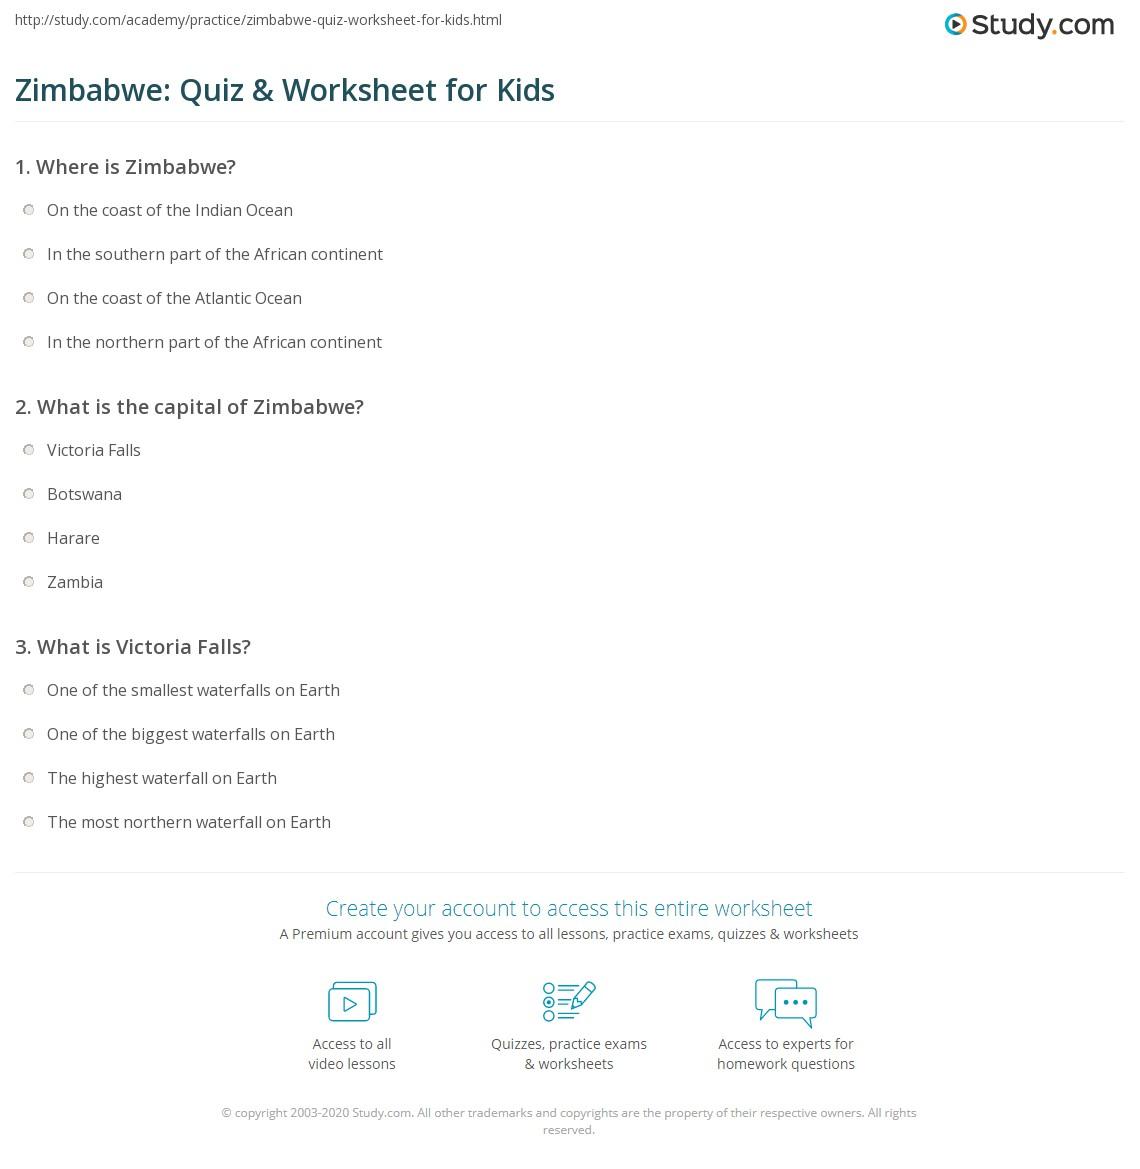 Zimbabwe Quiz Worksheet For Kids Studycom - Where is zimbabwe